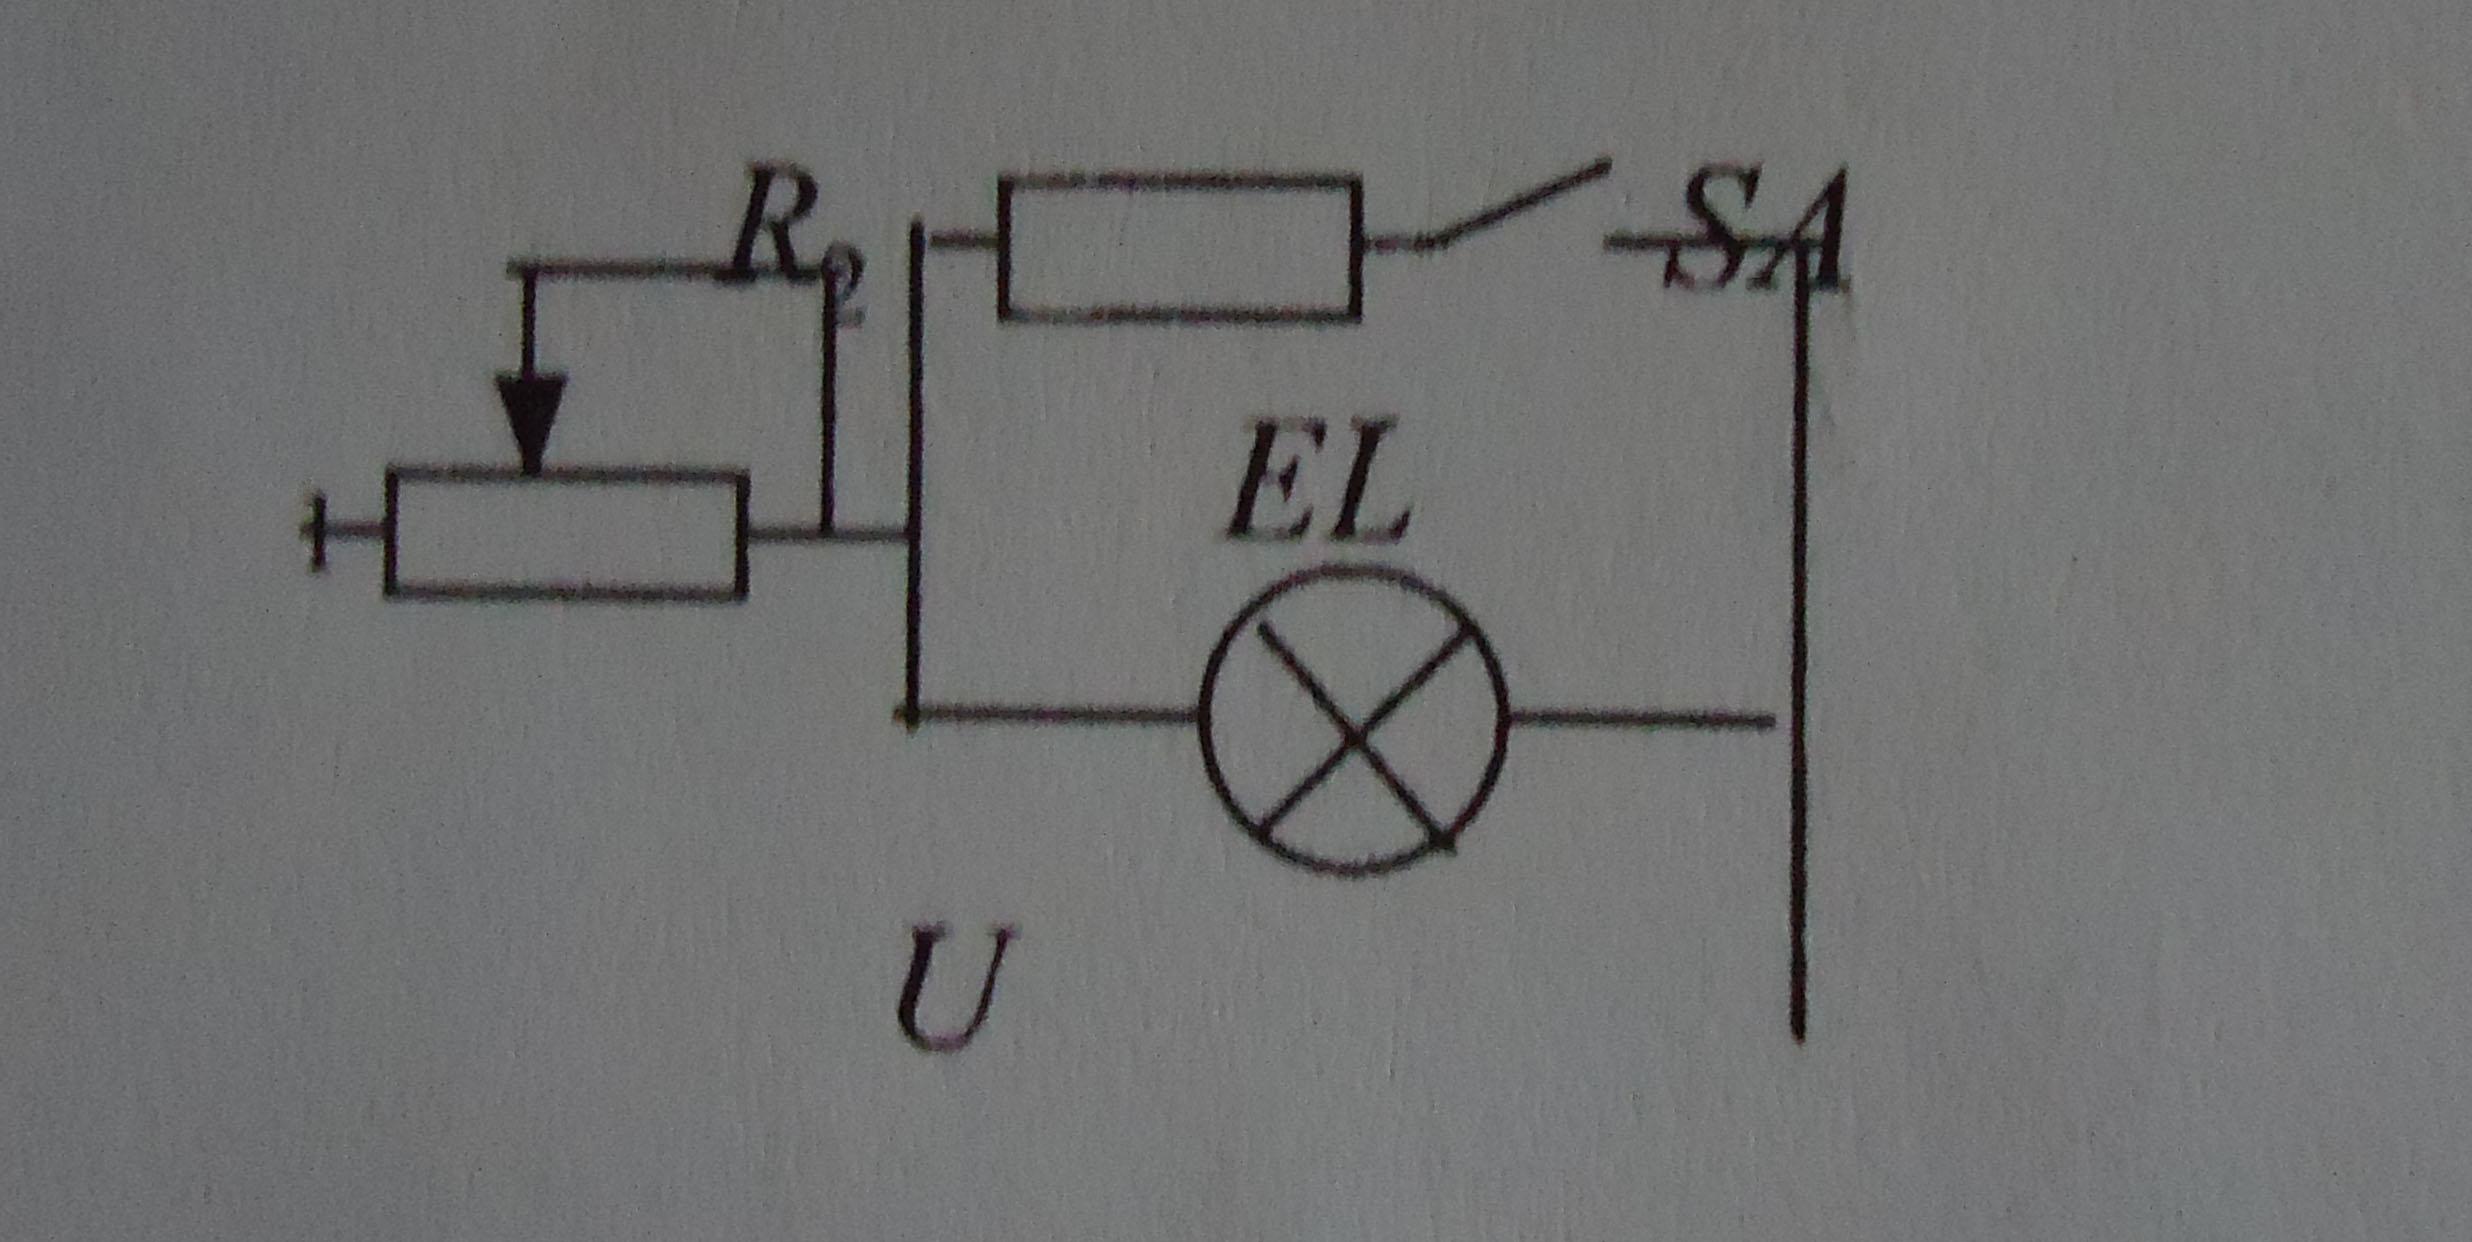 物理混联电路题目